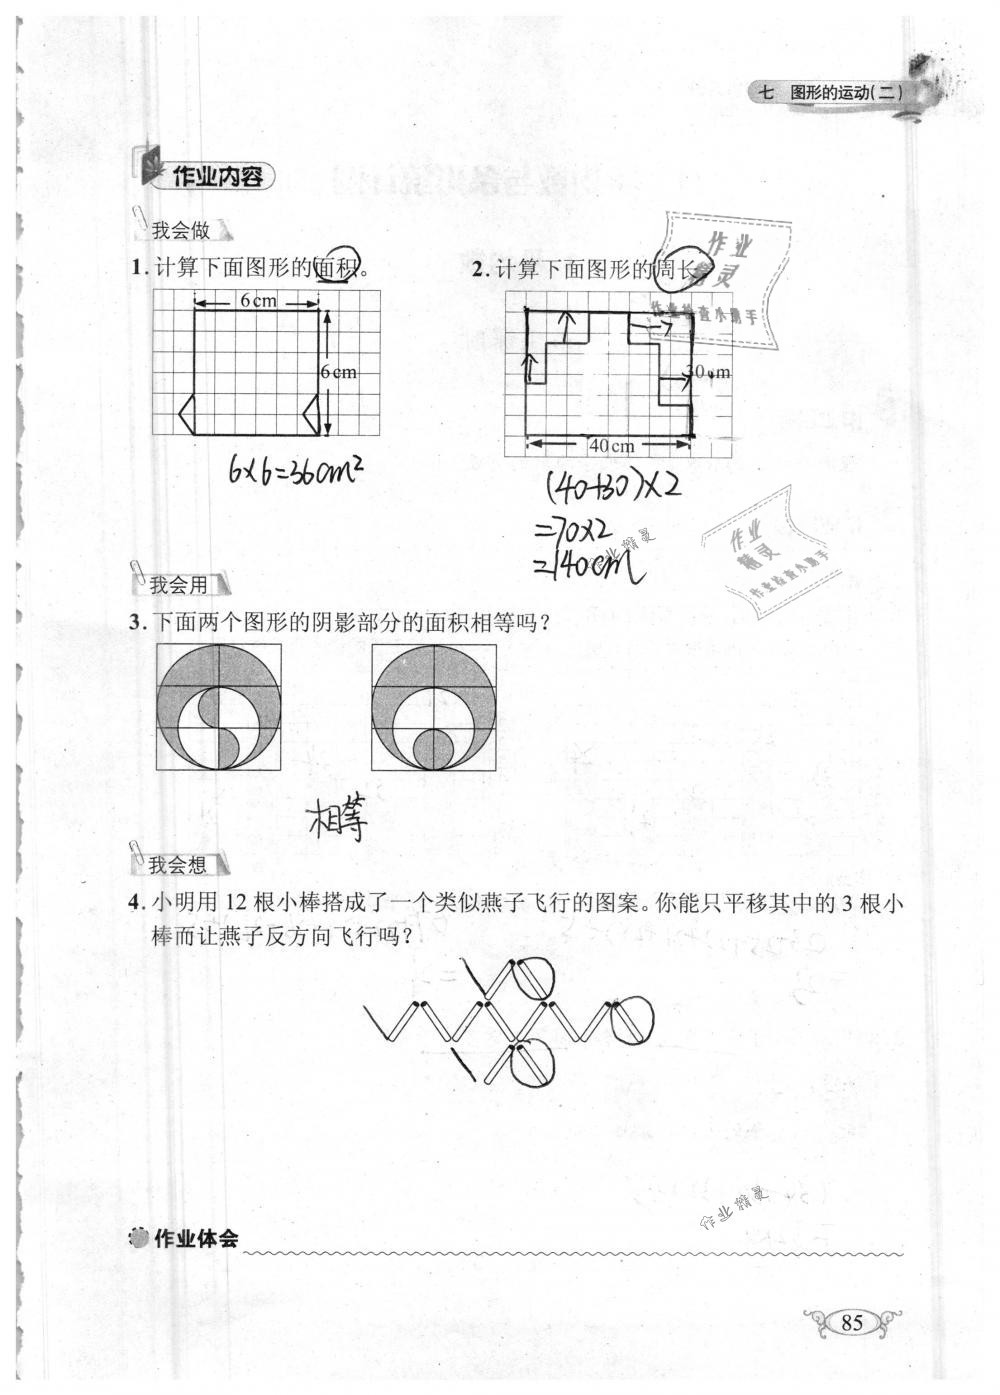 2019年长江作业本同步练习册四年级数学下册人教版参考答案第85页